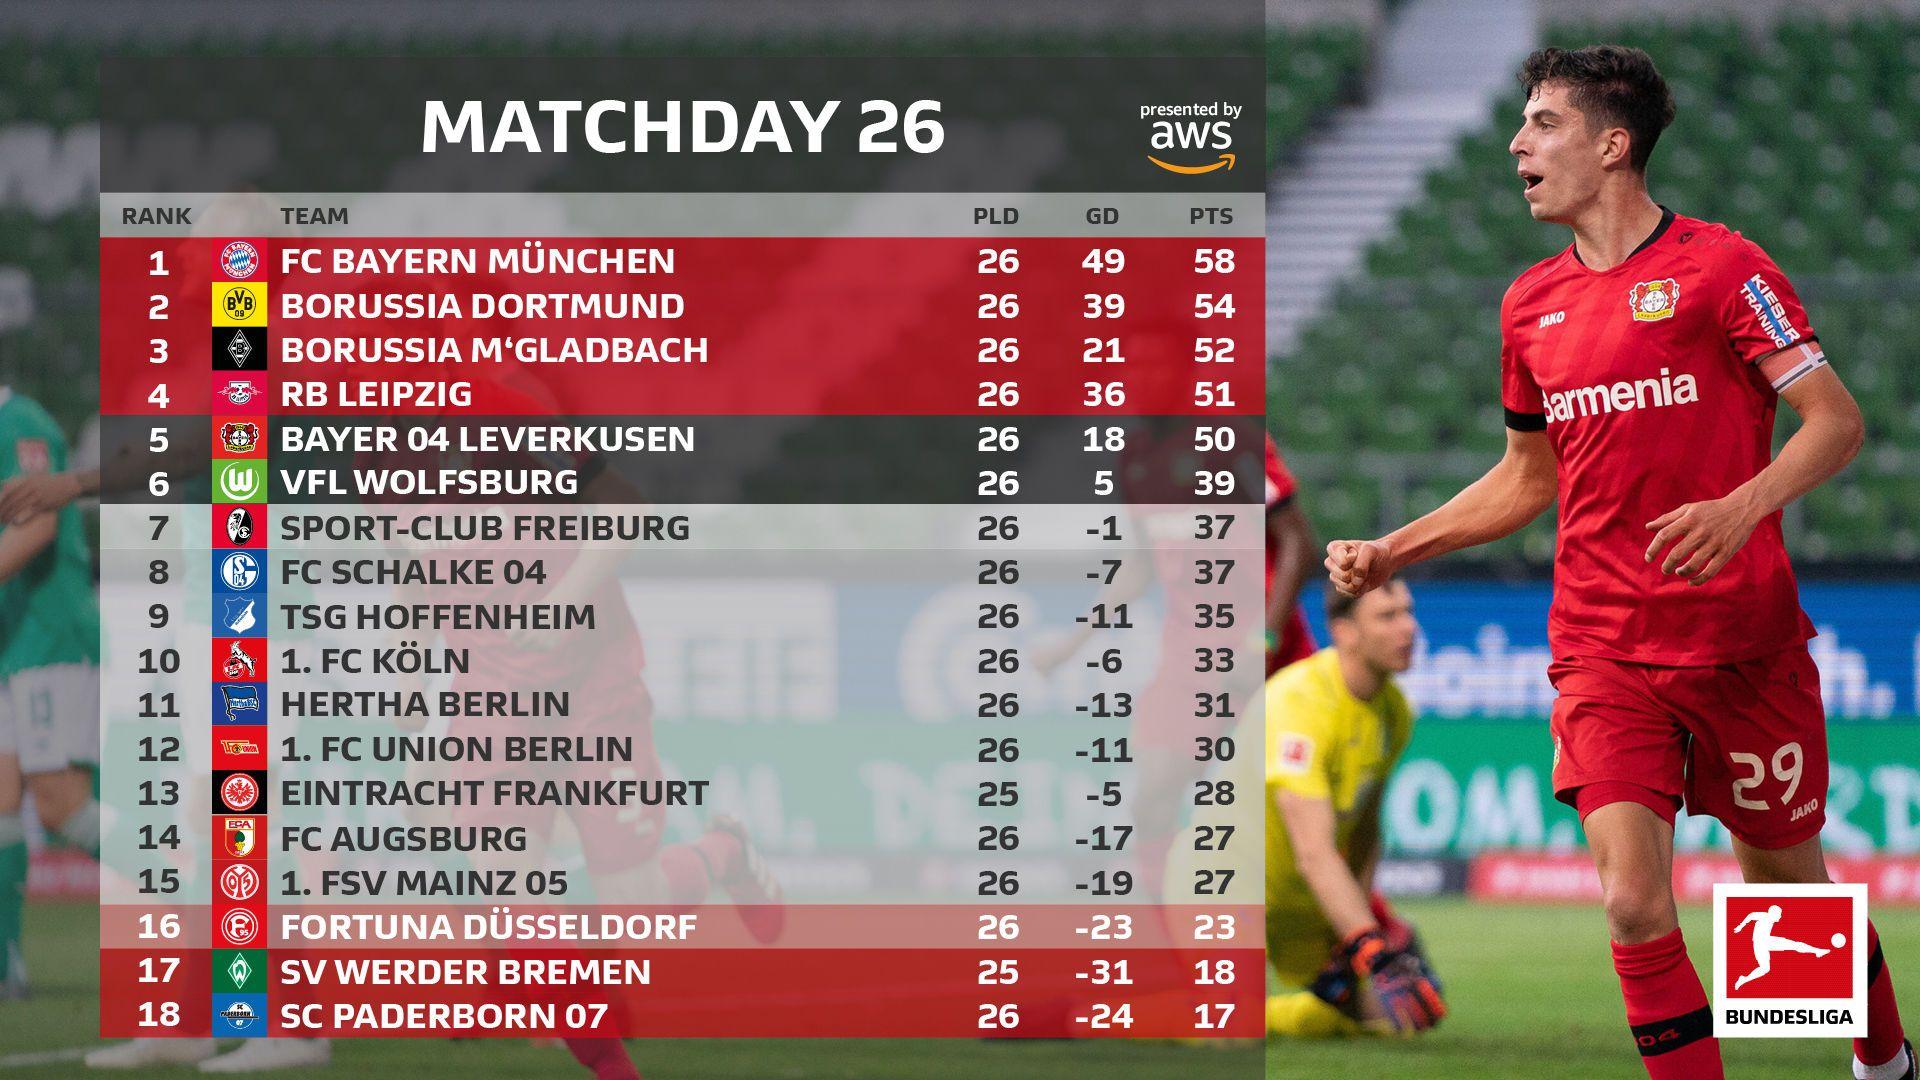 Бундесліга таблиця після 26 туру